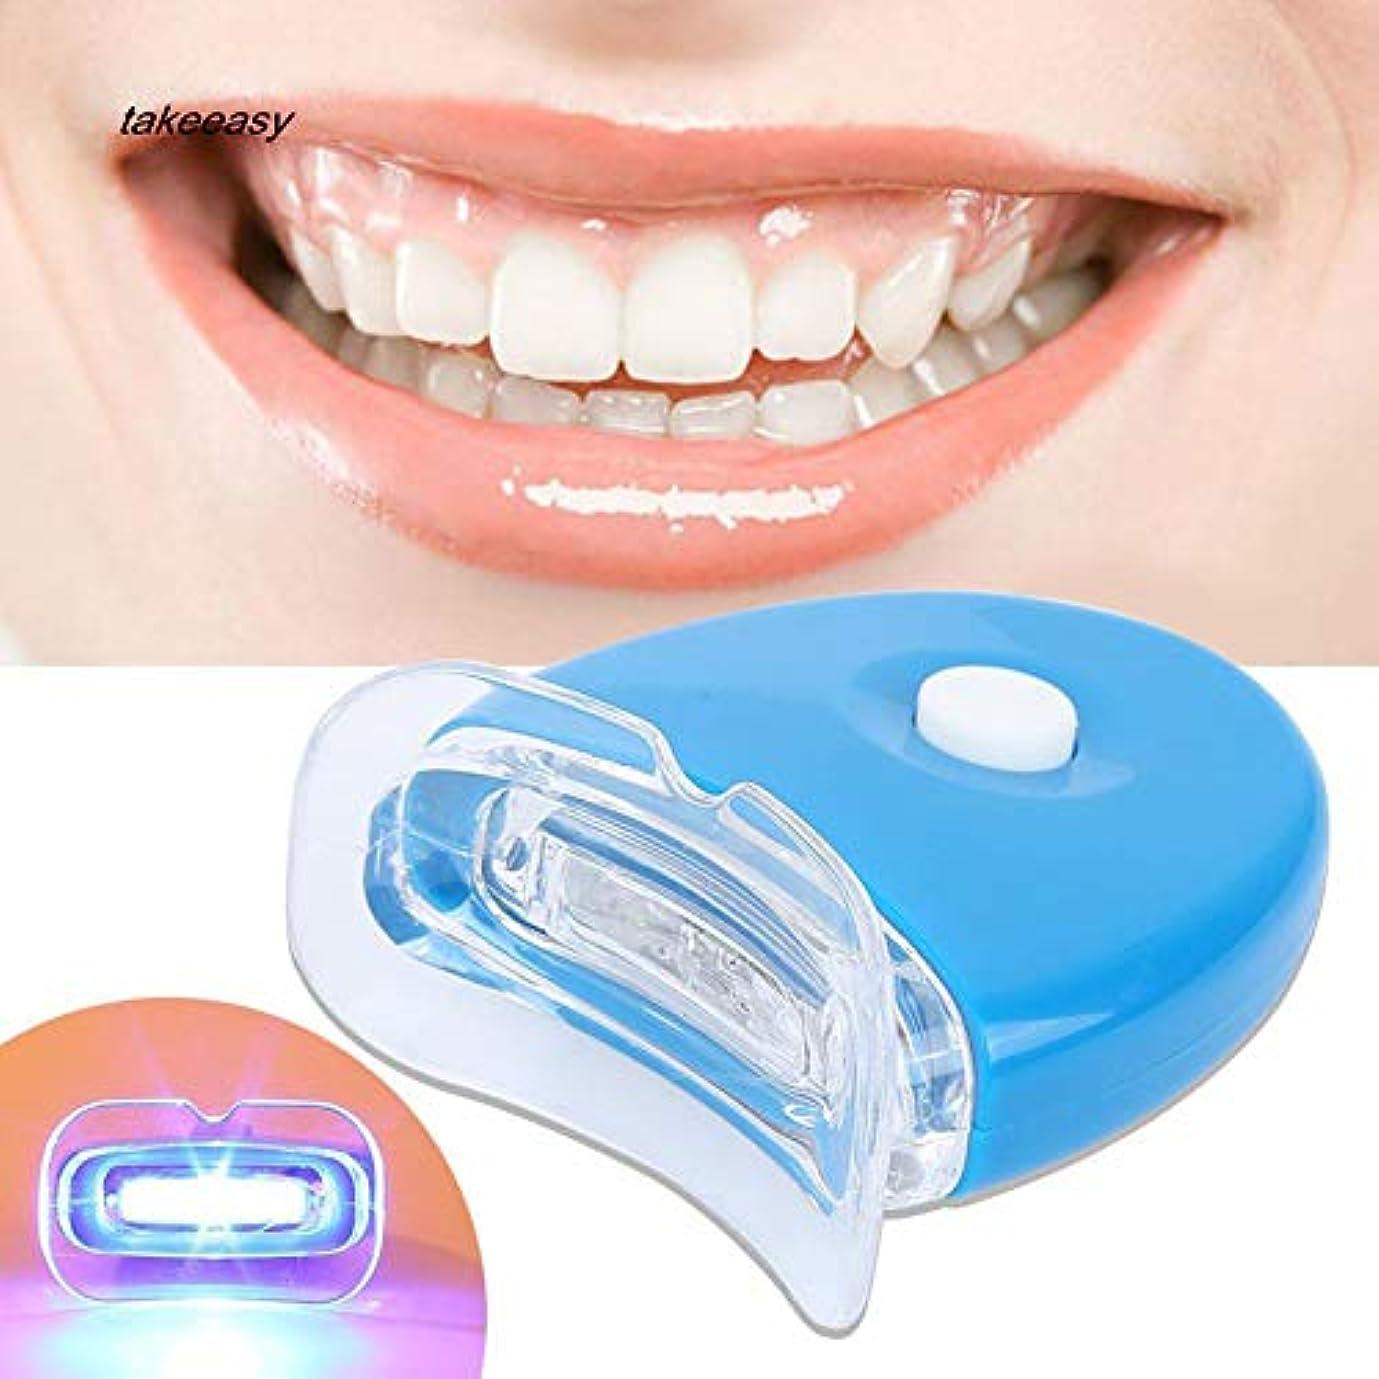 シャット検出する書き出す歯ホワイトニング器 歯美白器 美歯器 ホワイトニング ホワイトナー ケア 歯の消しゴム 歯科機器 口腔ゲルキット ライト付き 歯を白くする